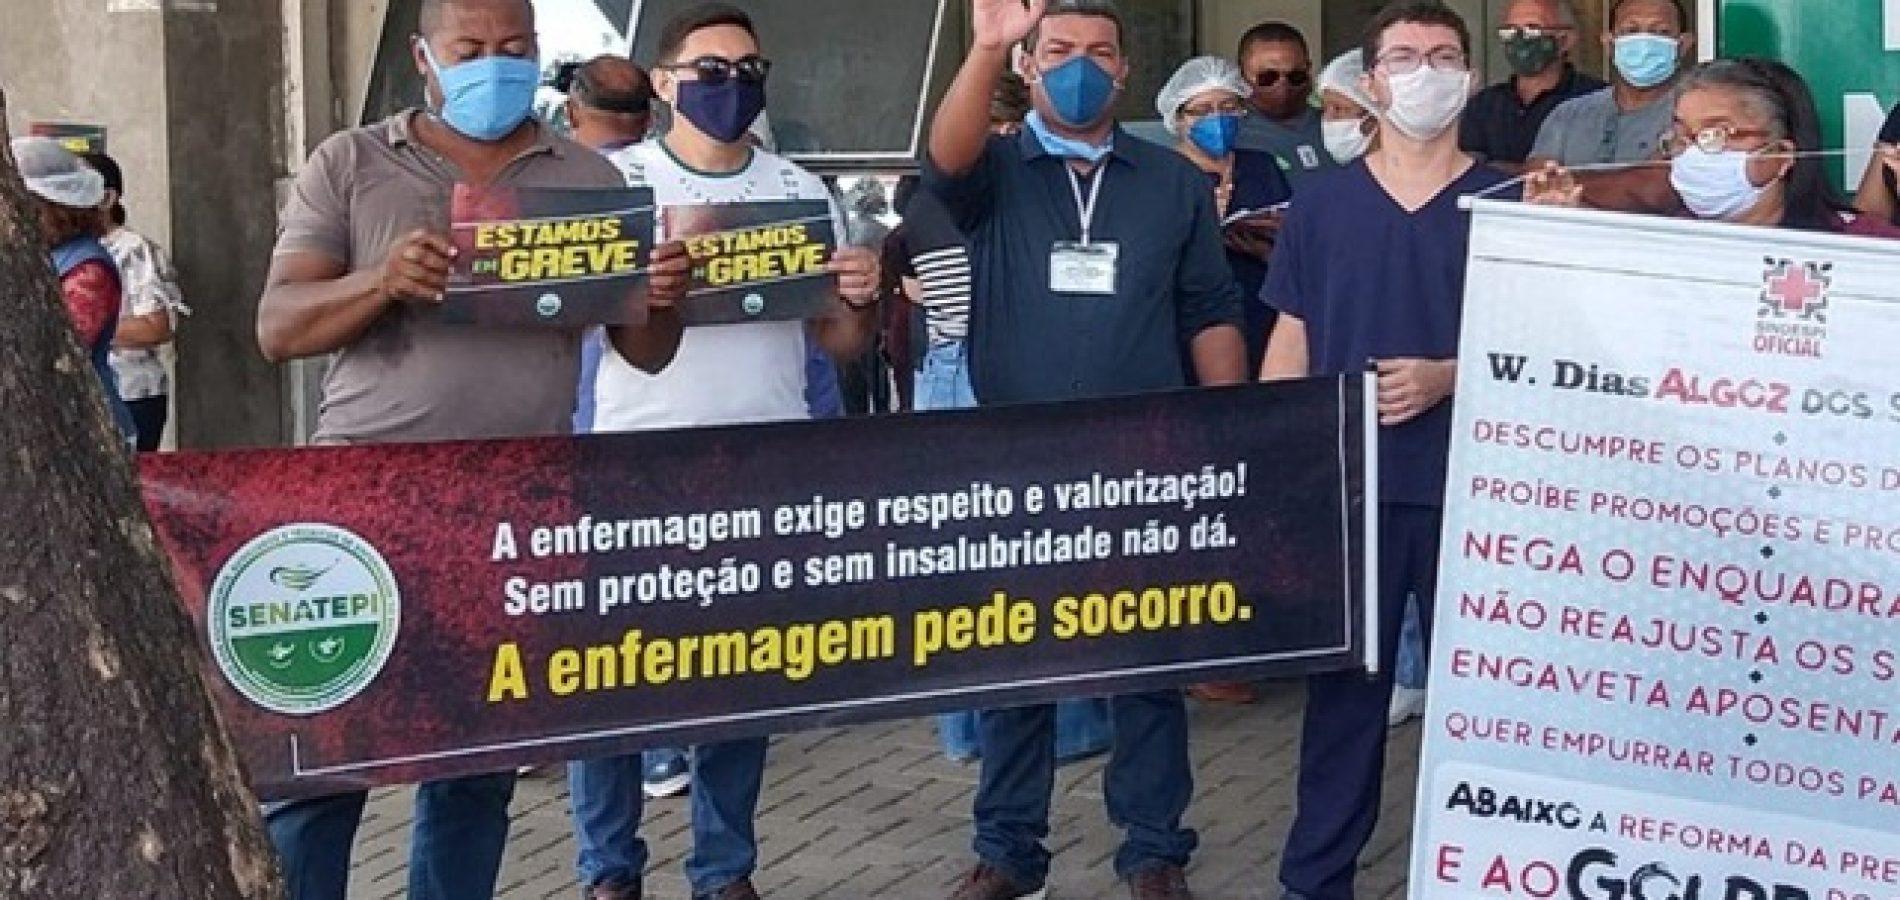 Enfermeiros e técnicos de enfermagem da rede estadual do Piauí iniciam greve